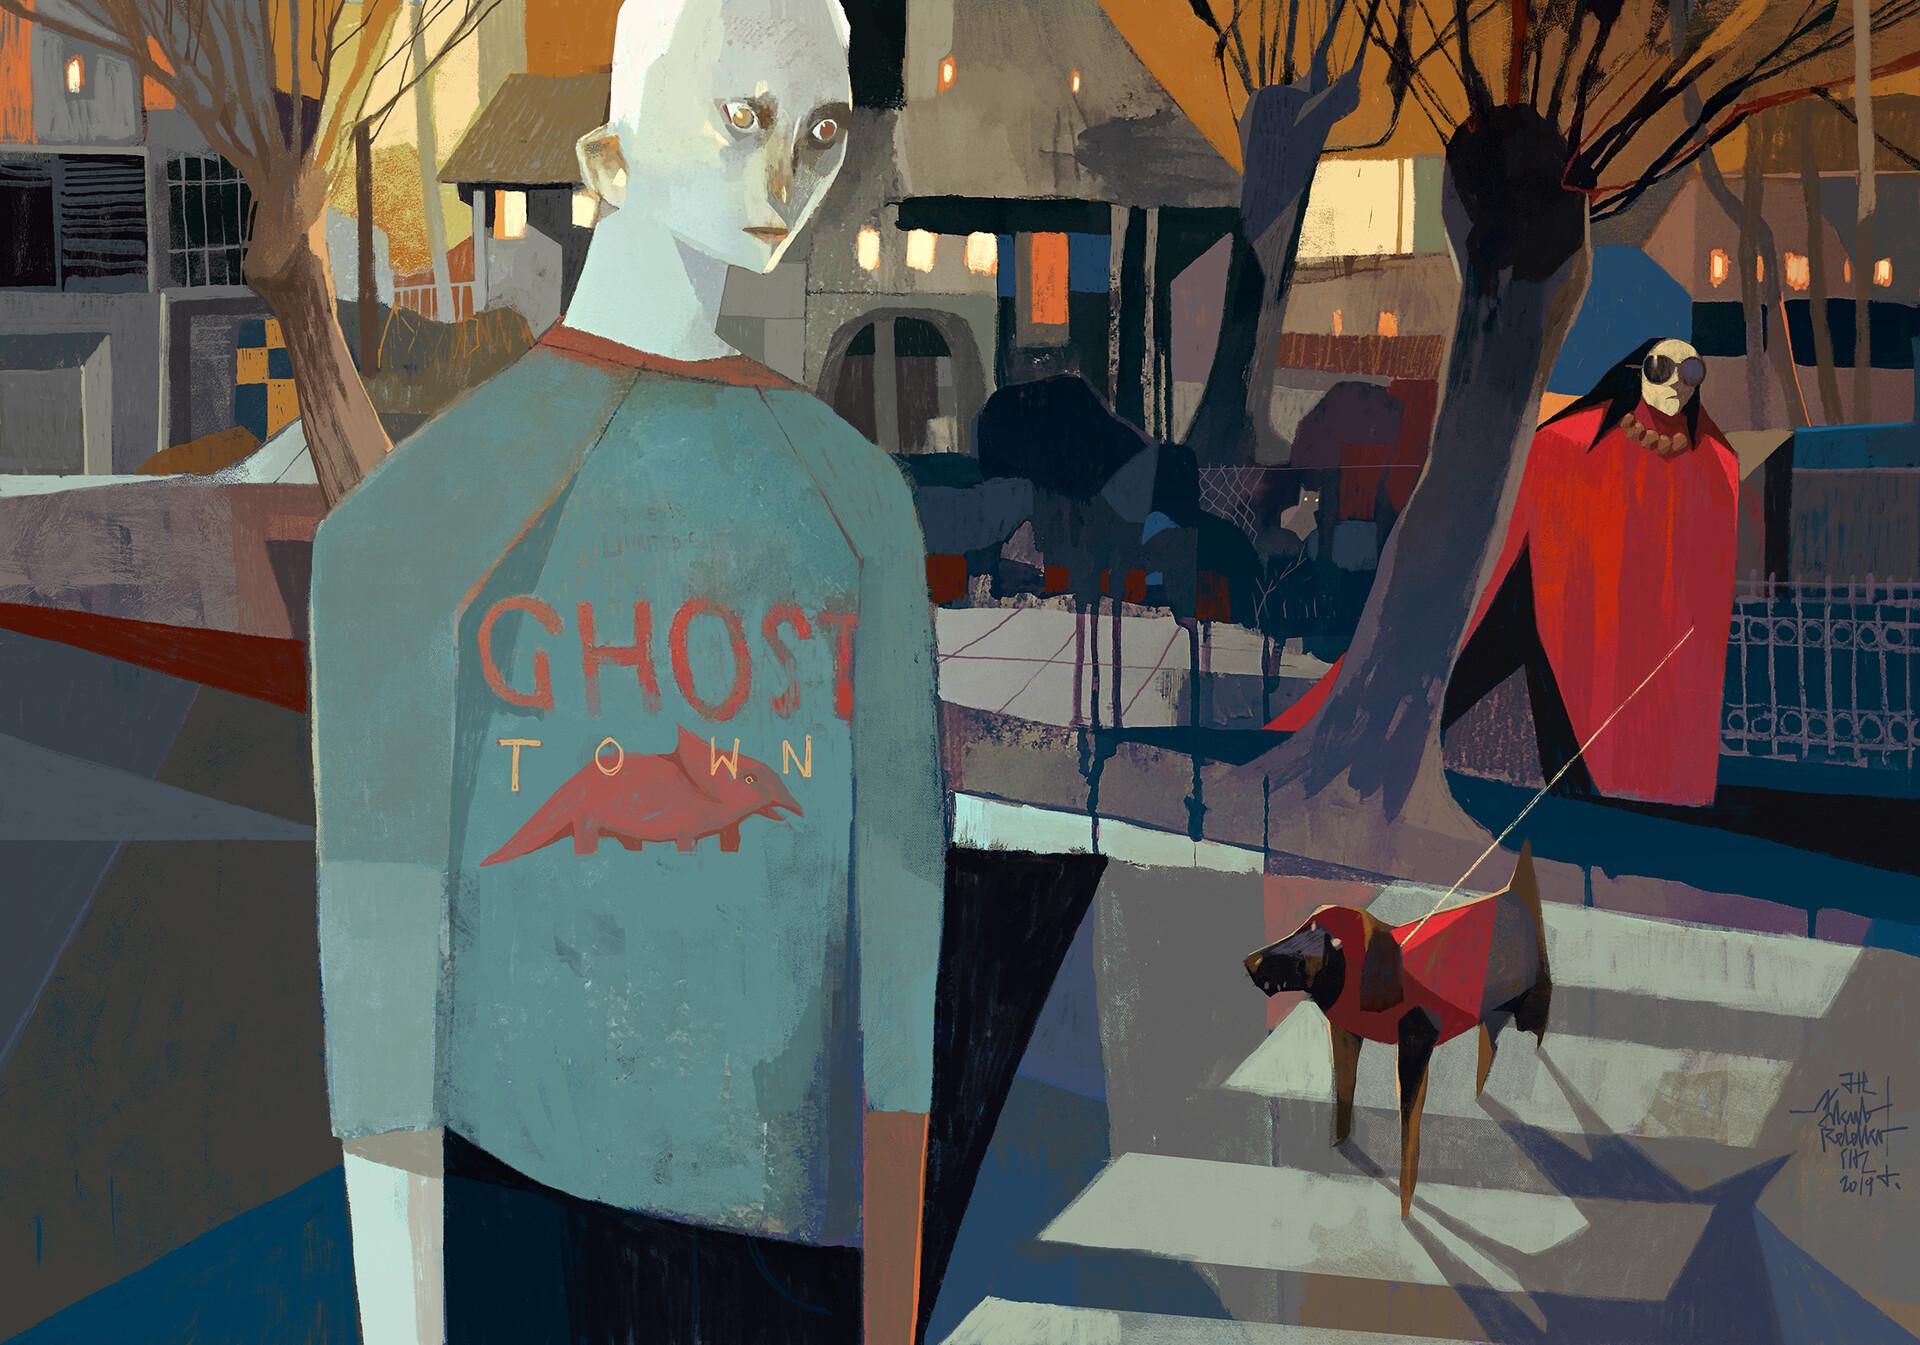 Jakub rebelka ghost town